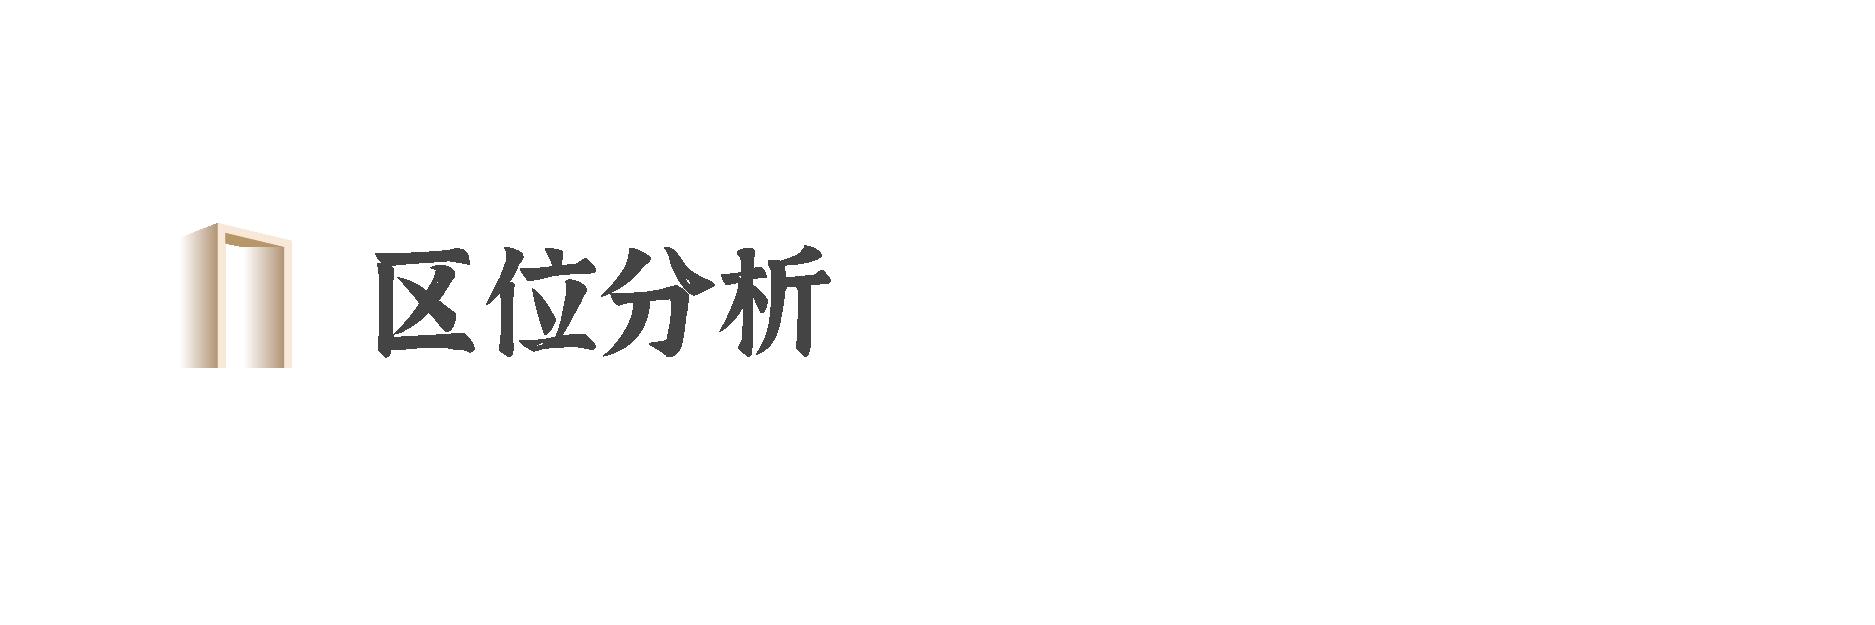 大主题-07.png